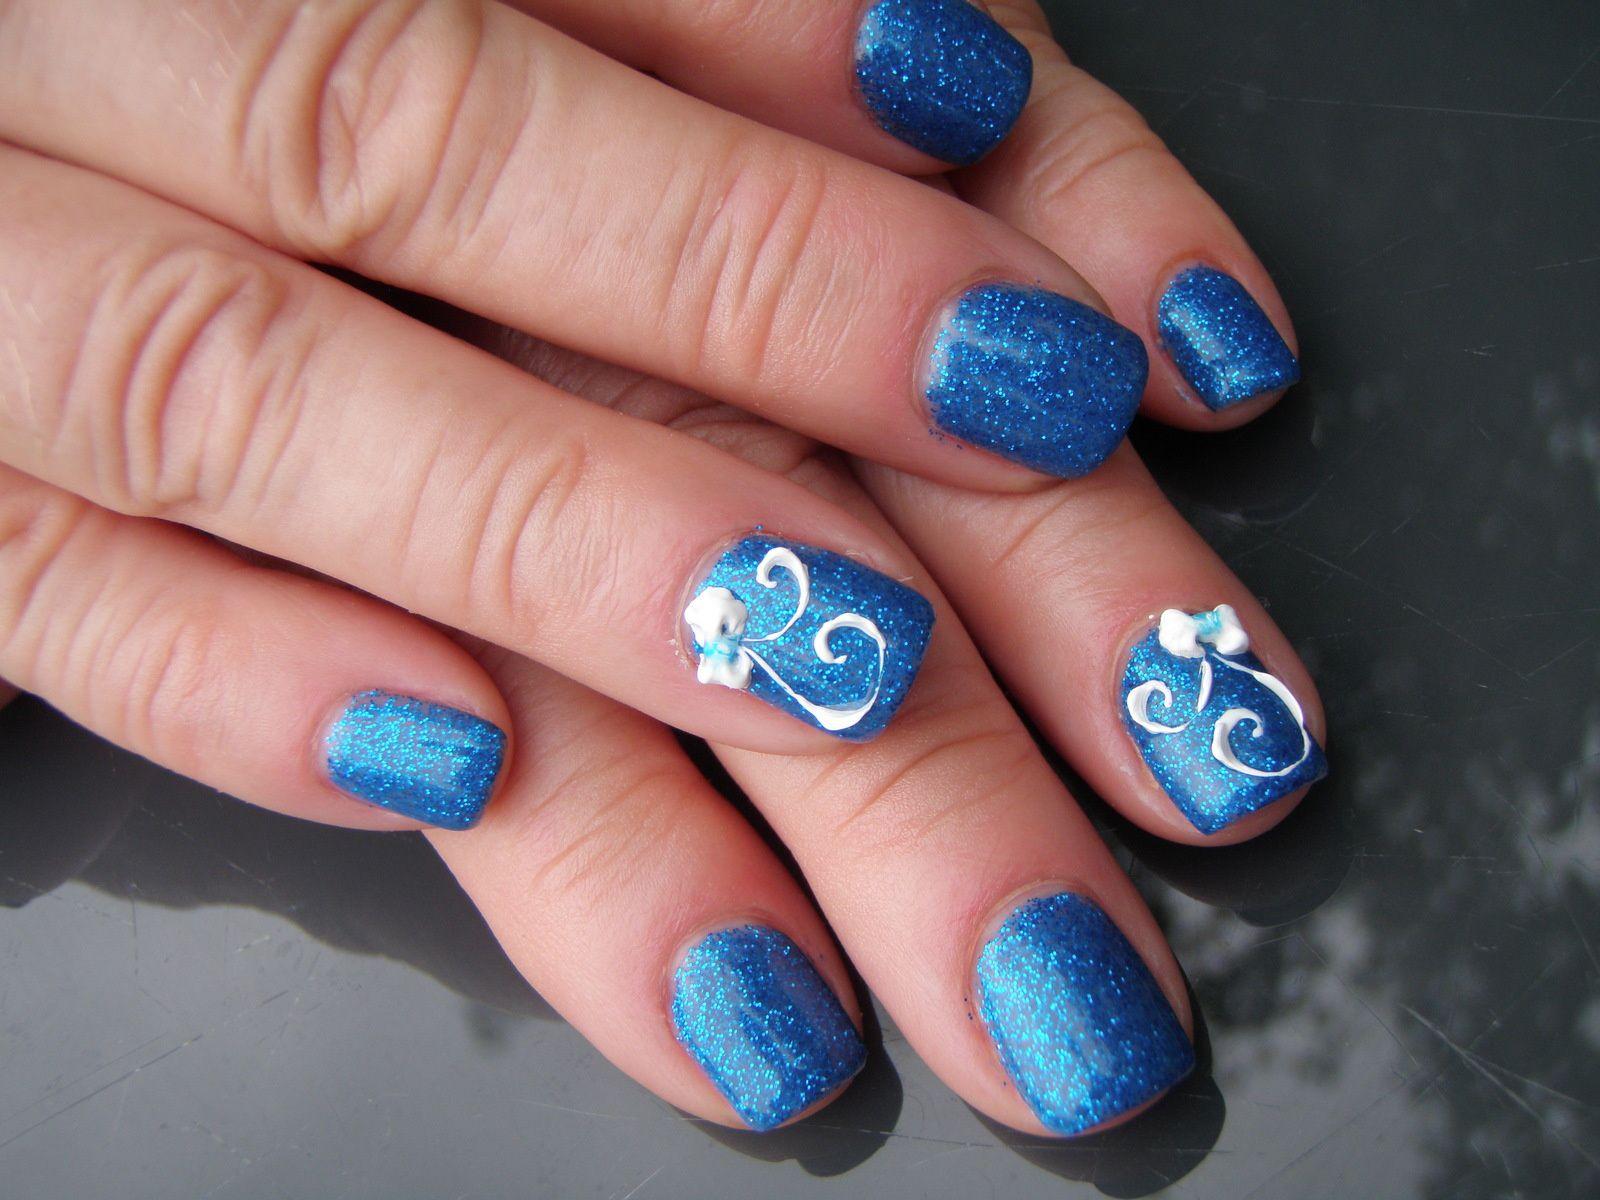 &quot&#x3B;Royal blue heliblau 7&quot&#x3B; avec Onglemod